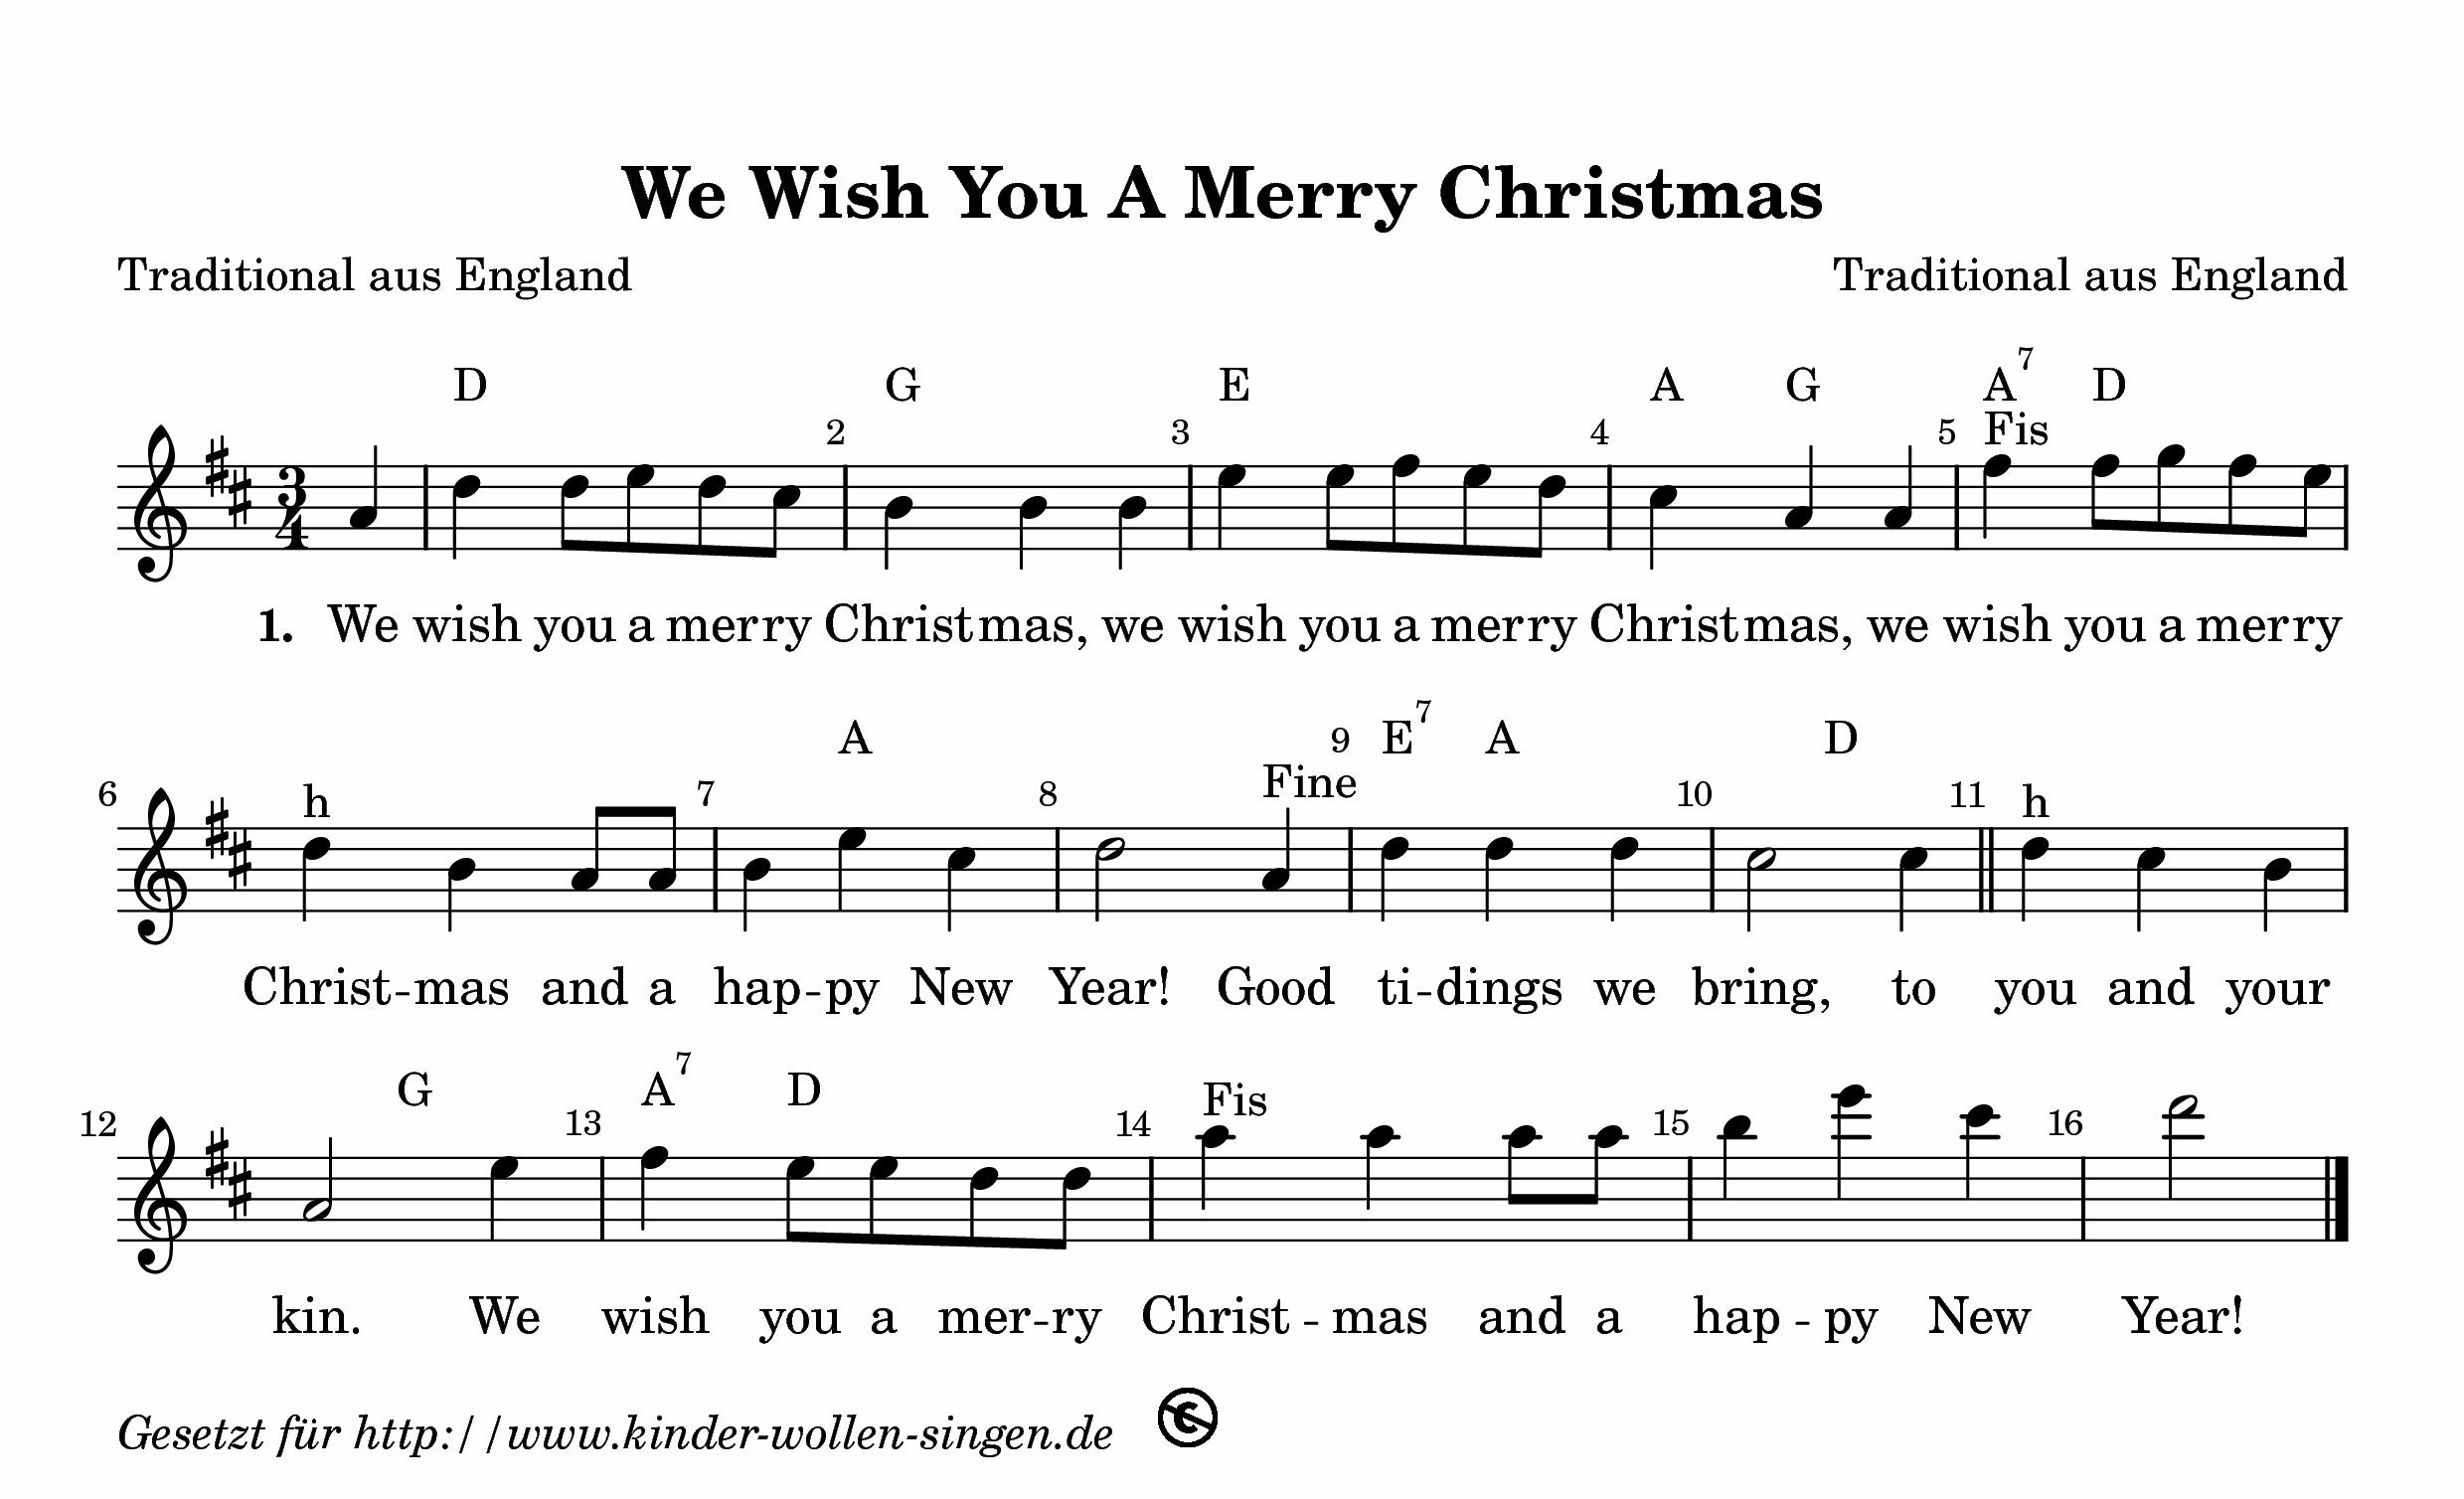 Weihnachtslieder Mit Noten Kostenlos Ausdrucken.We Wish You A Merry Christmas Kostenloses Weihnachtslied